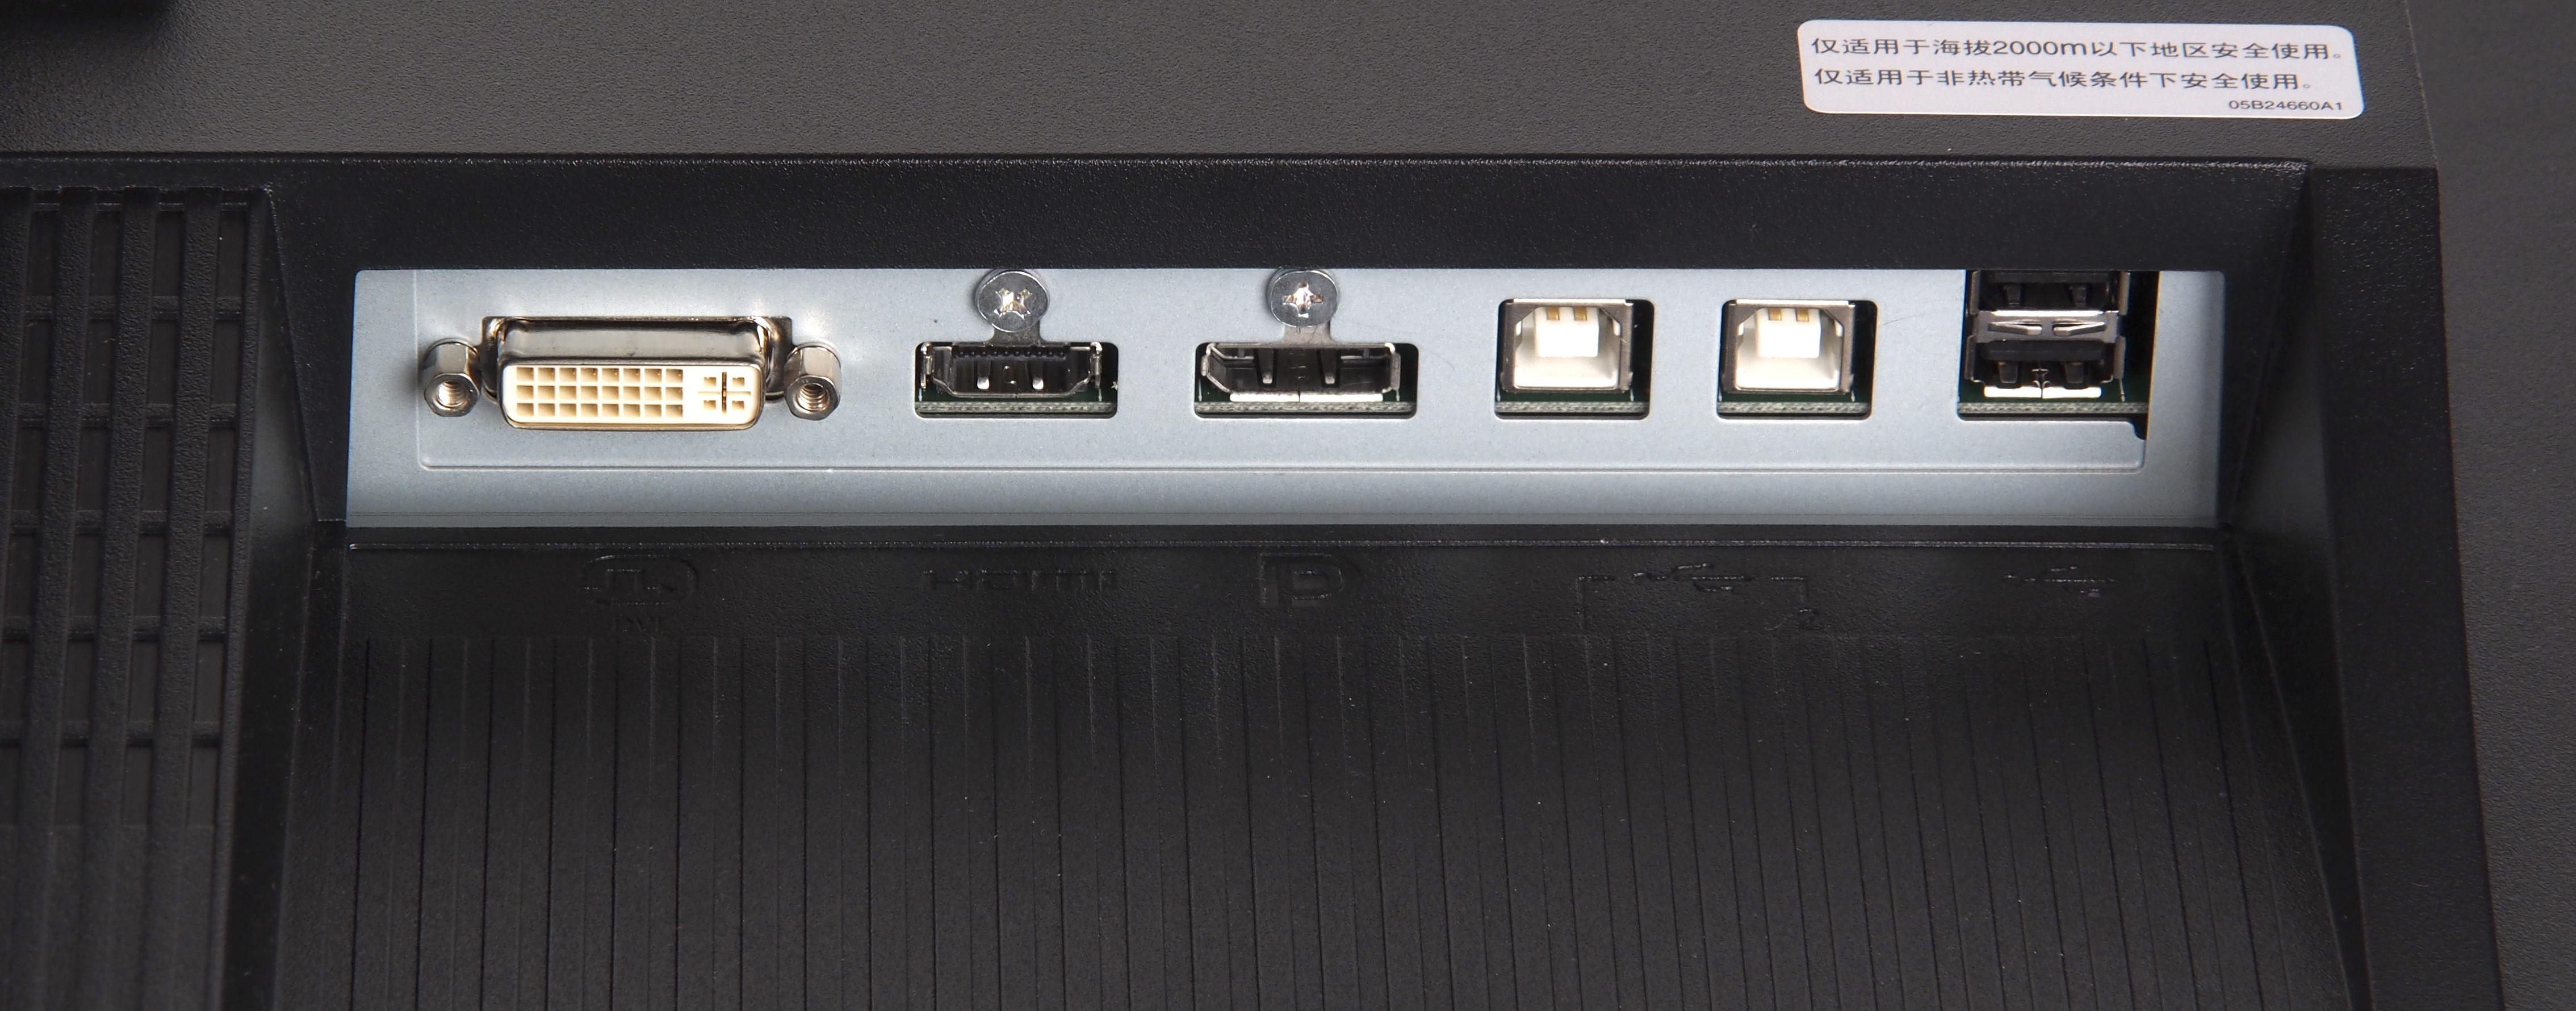 EIZO ColorEdge CX240 Monitor Driver (2019)